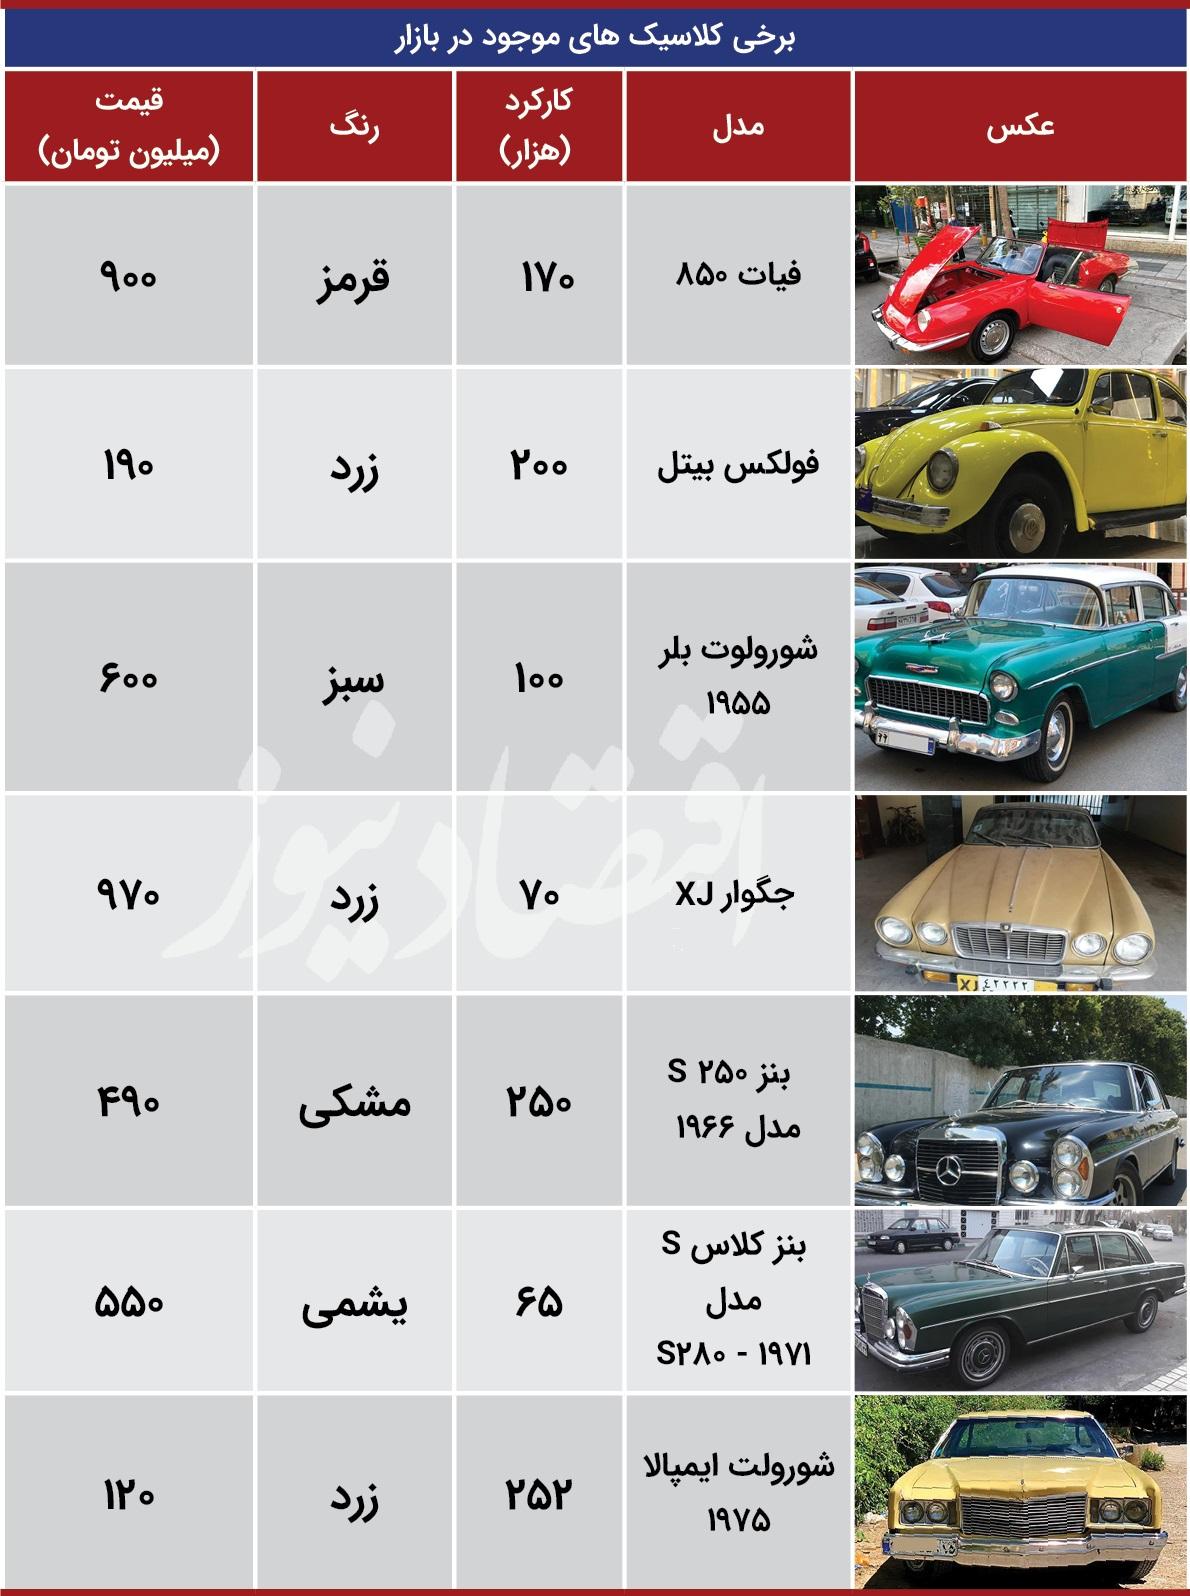  ماشین بازها حتما بخوانند؛  کلاسیکها در بازار چند؟ + جدول